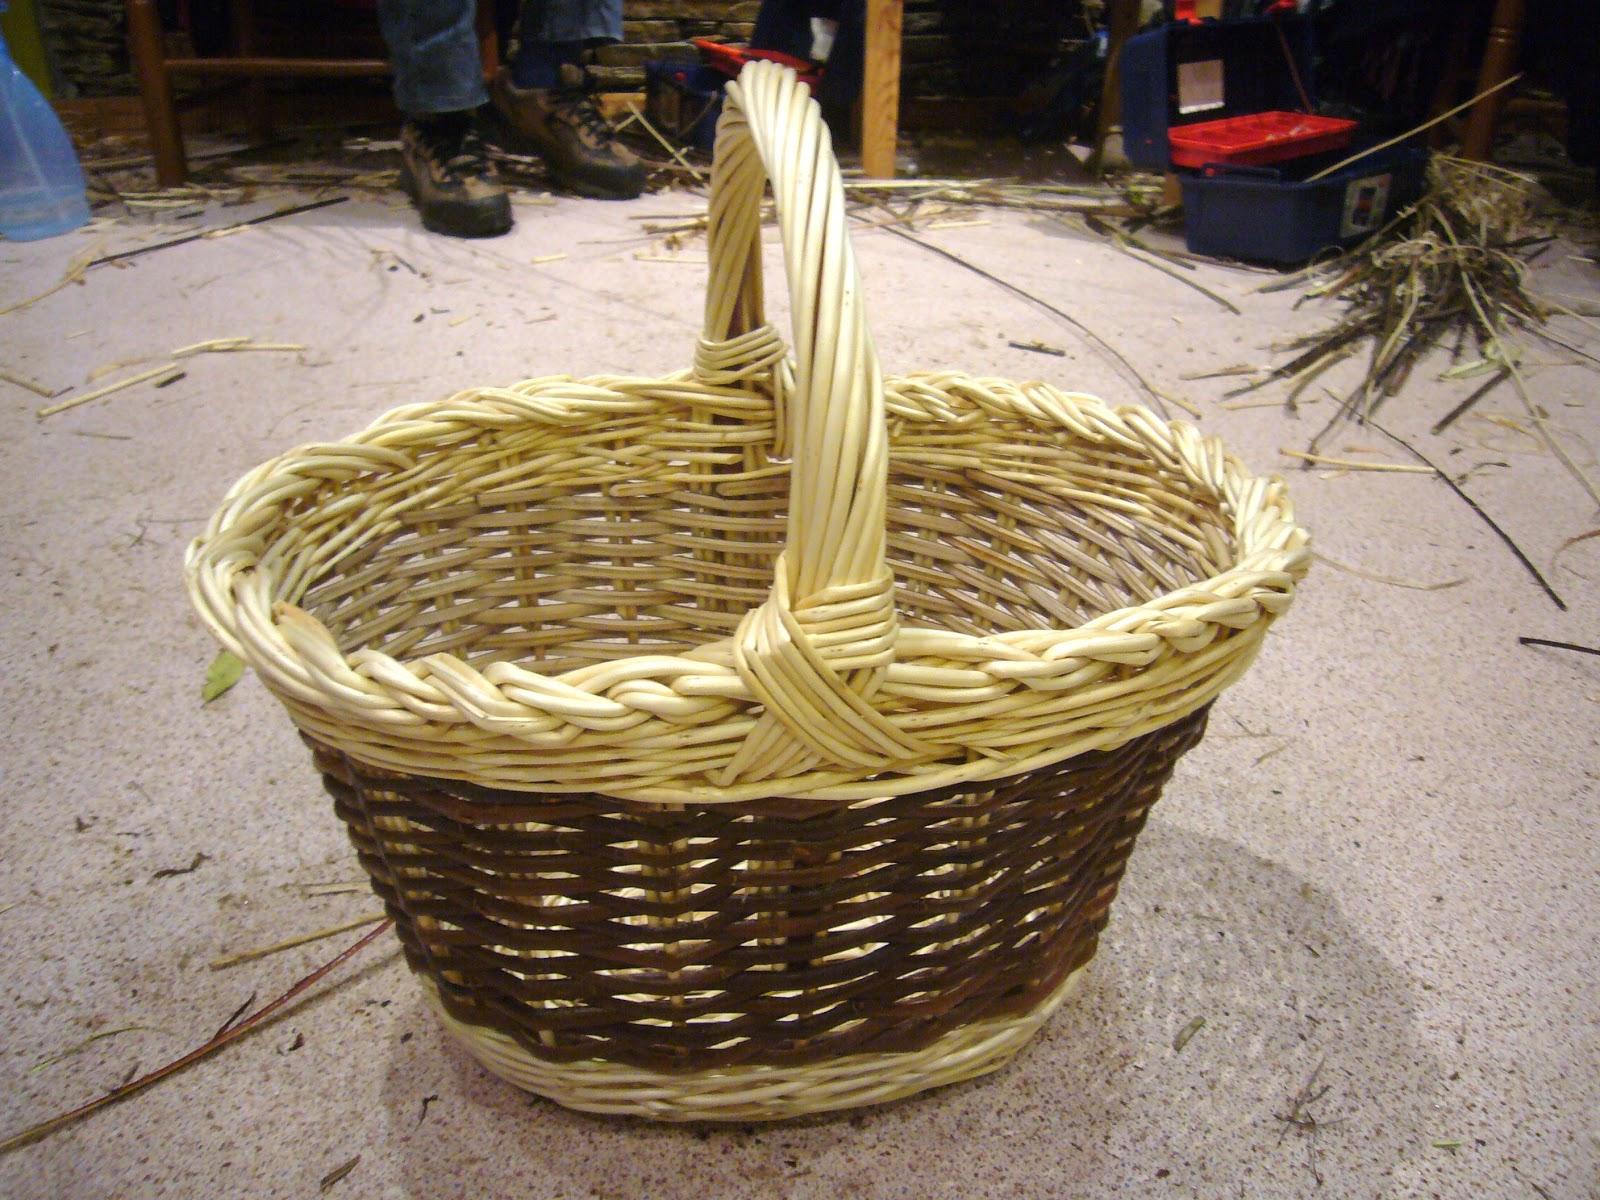 programa introduccin a la cestera de mimbre a travs de una pequea charla acompaada de fotografas y un recorrido por la coleccin de cestas de mimbre